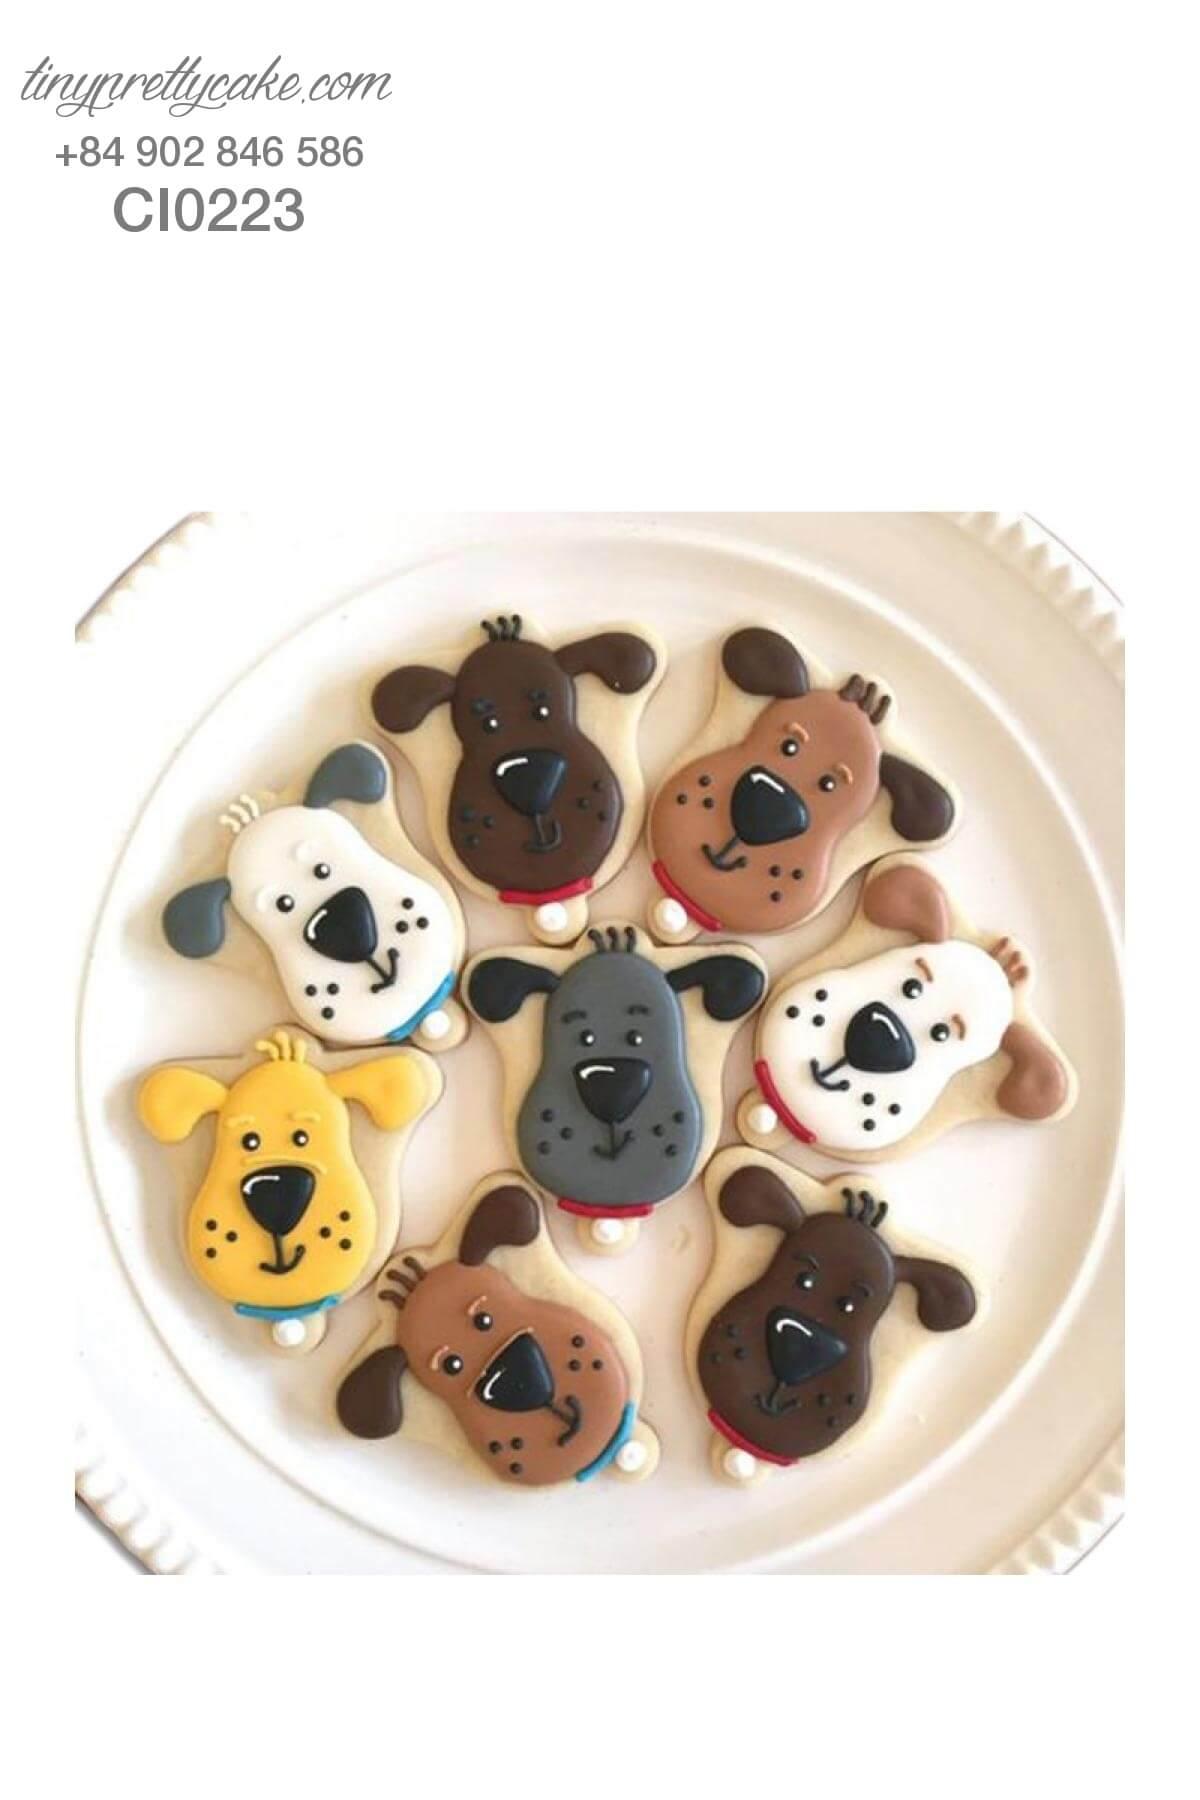 bánh cookie hình con chó